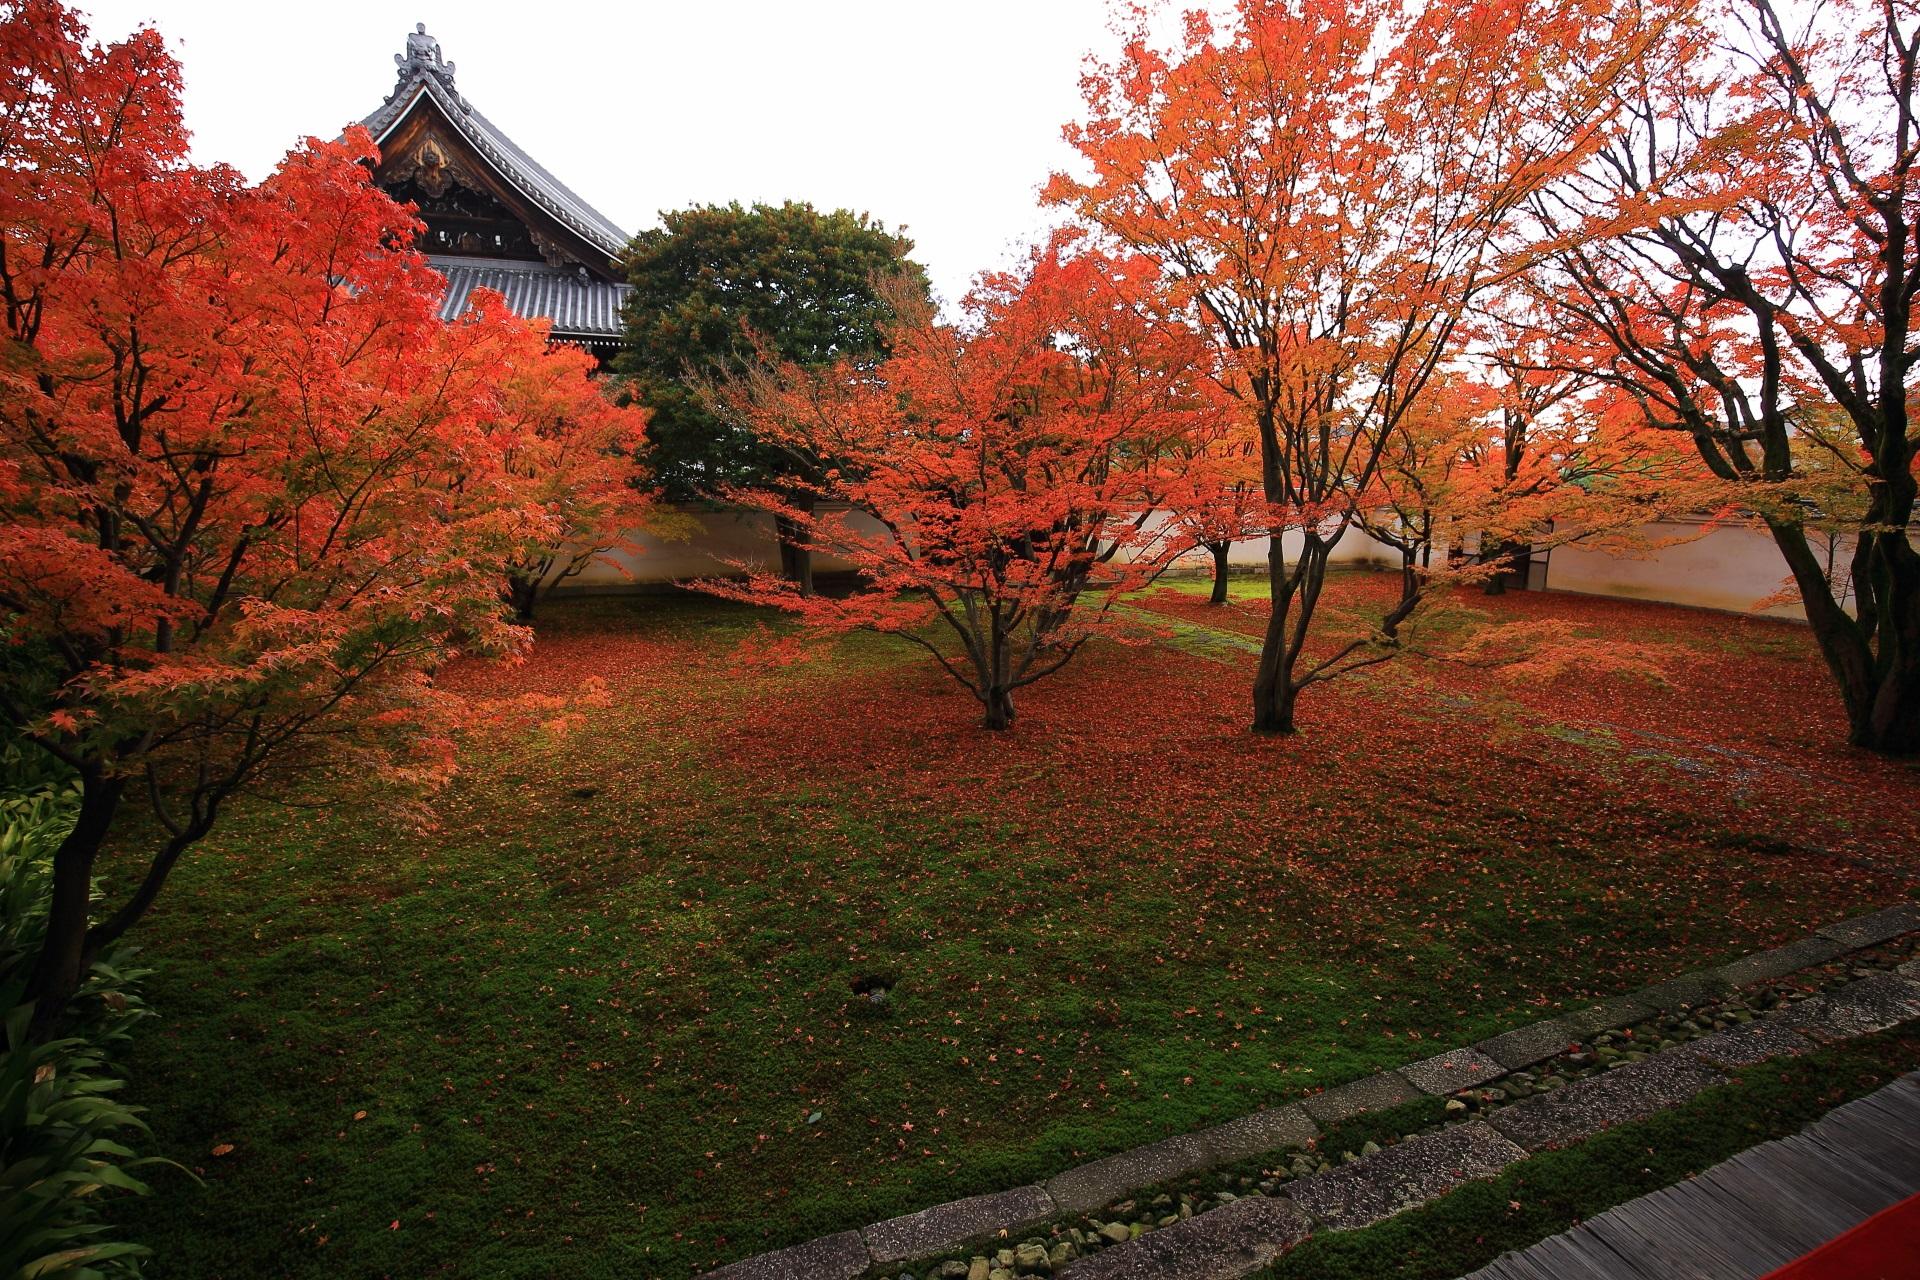 緑の苔と赤い紅葉の綺麗なグラデーション